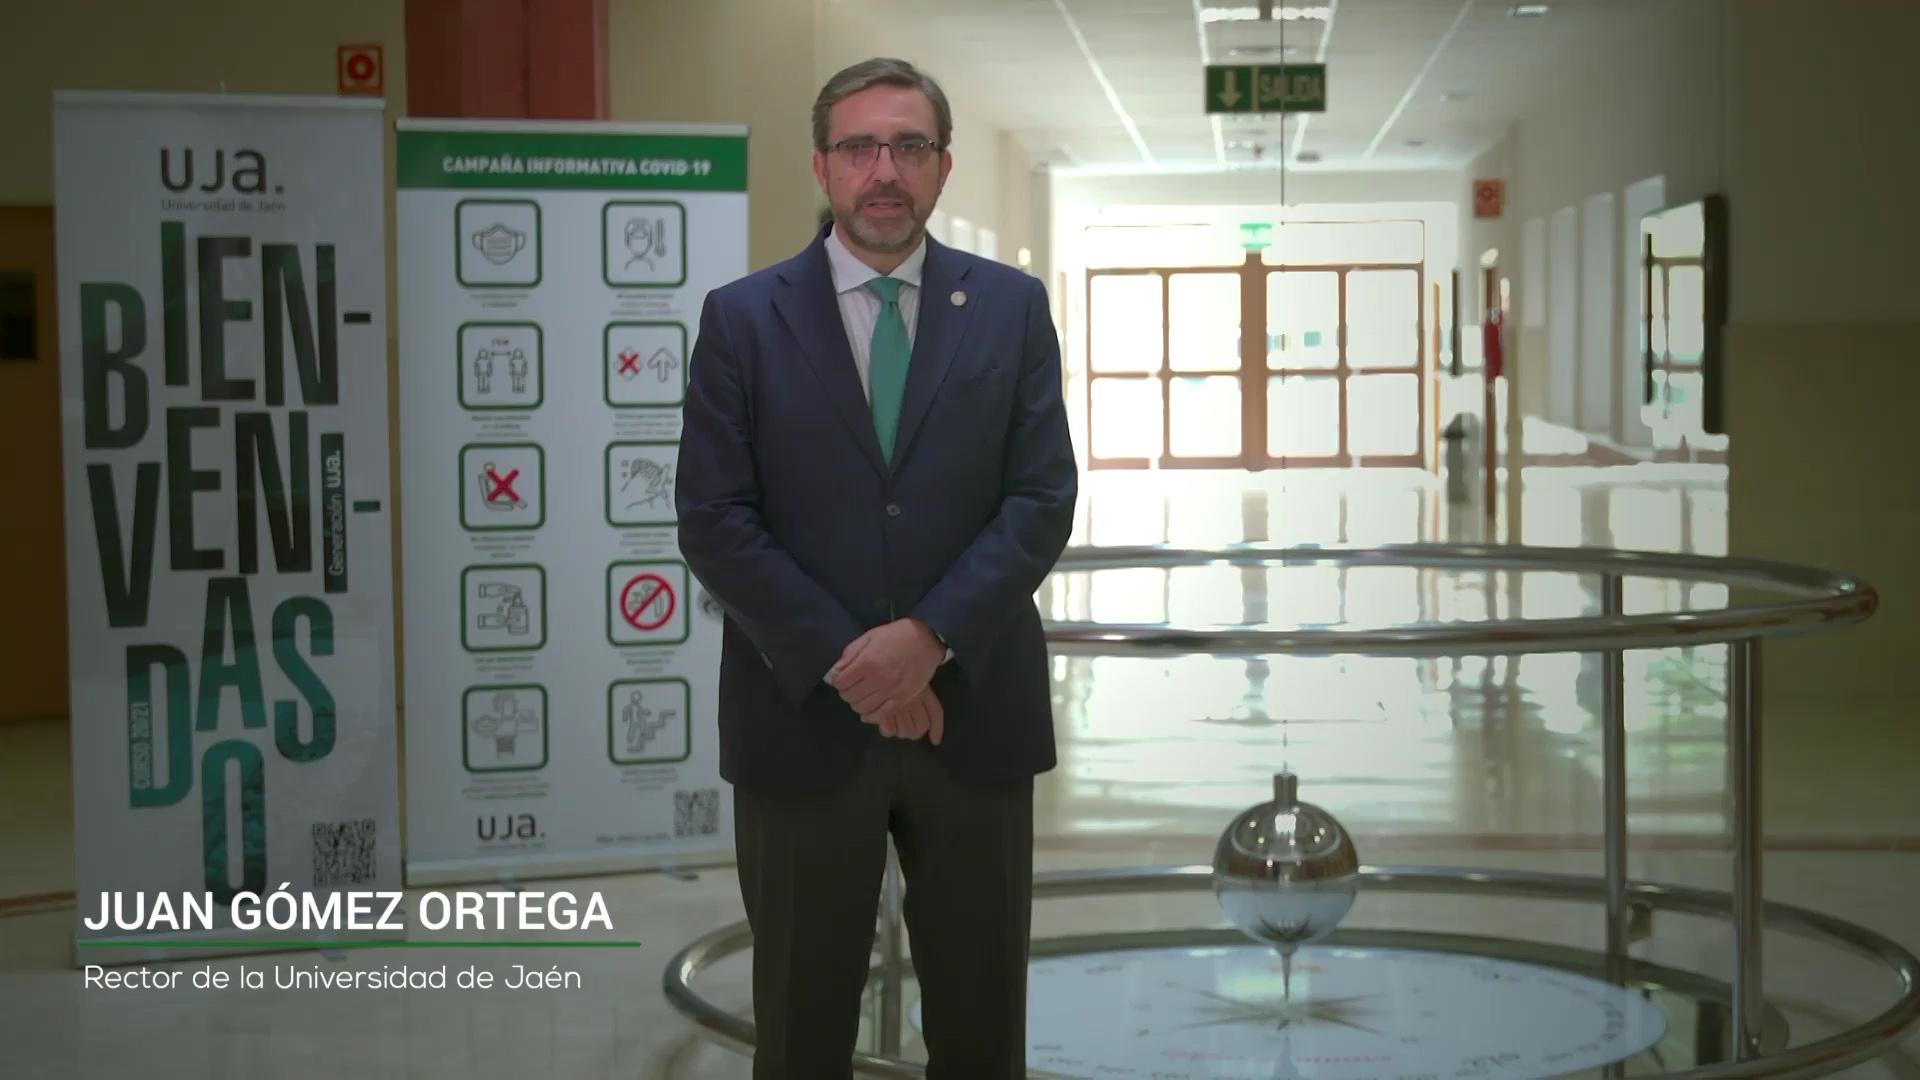 Mensaje de bienvenida del Rector de la Universidad de Jaén con motivo del inicio de las clases (curso 2020-2021)